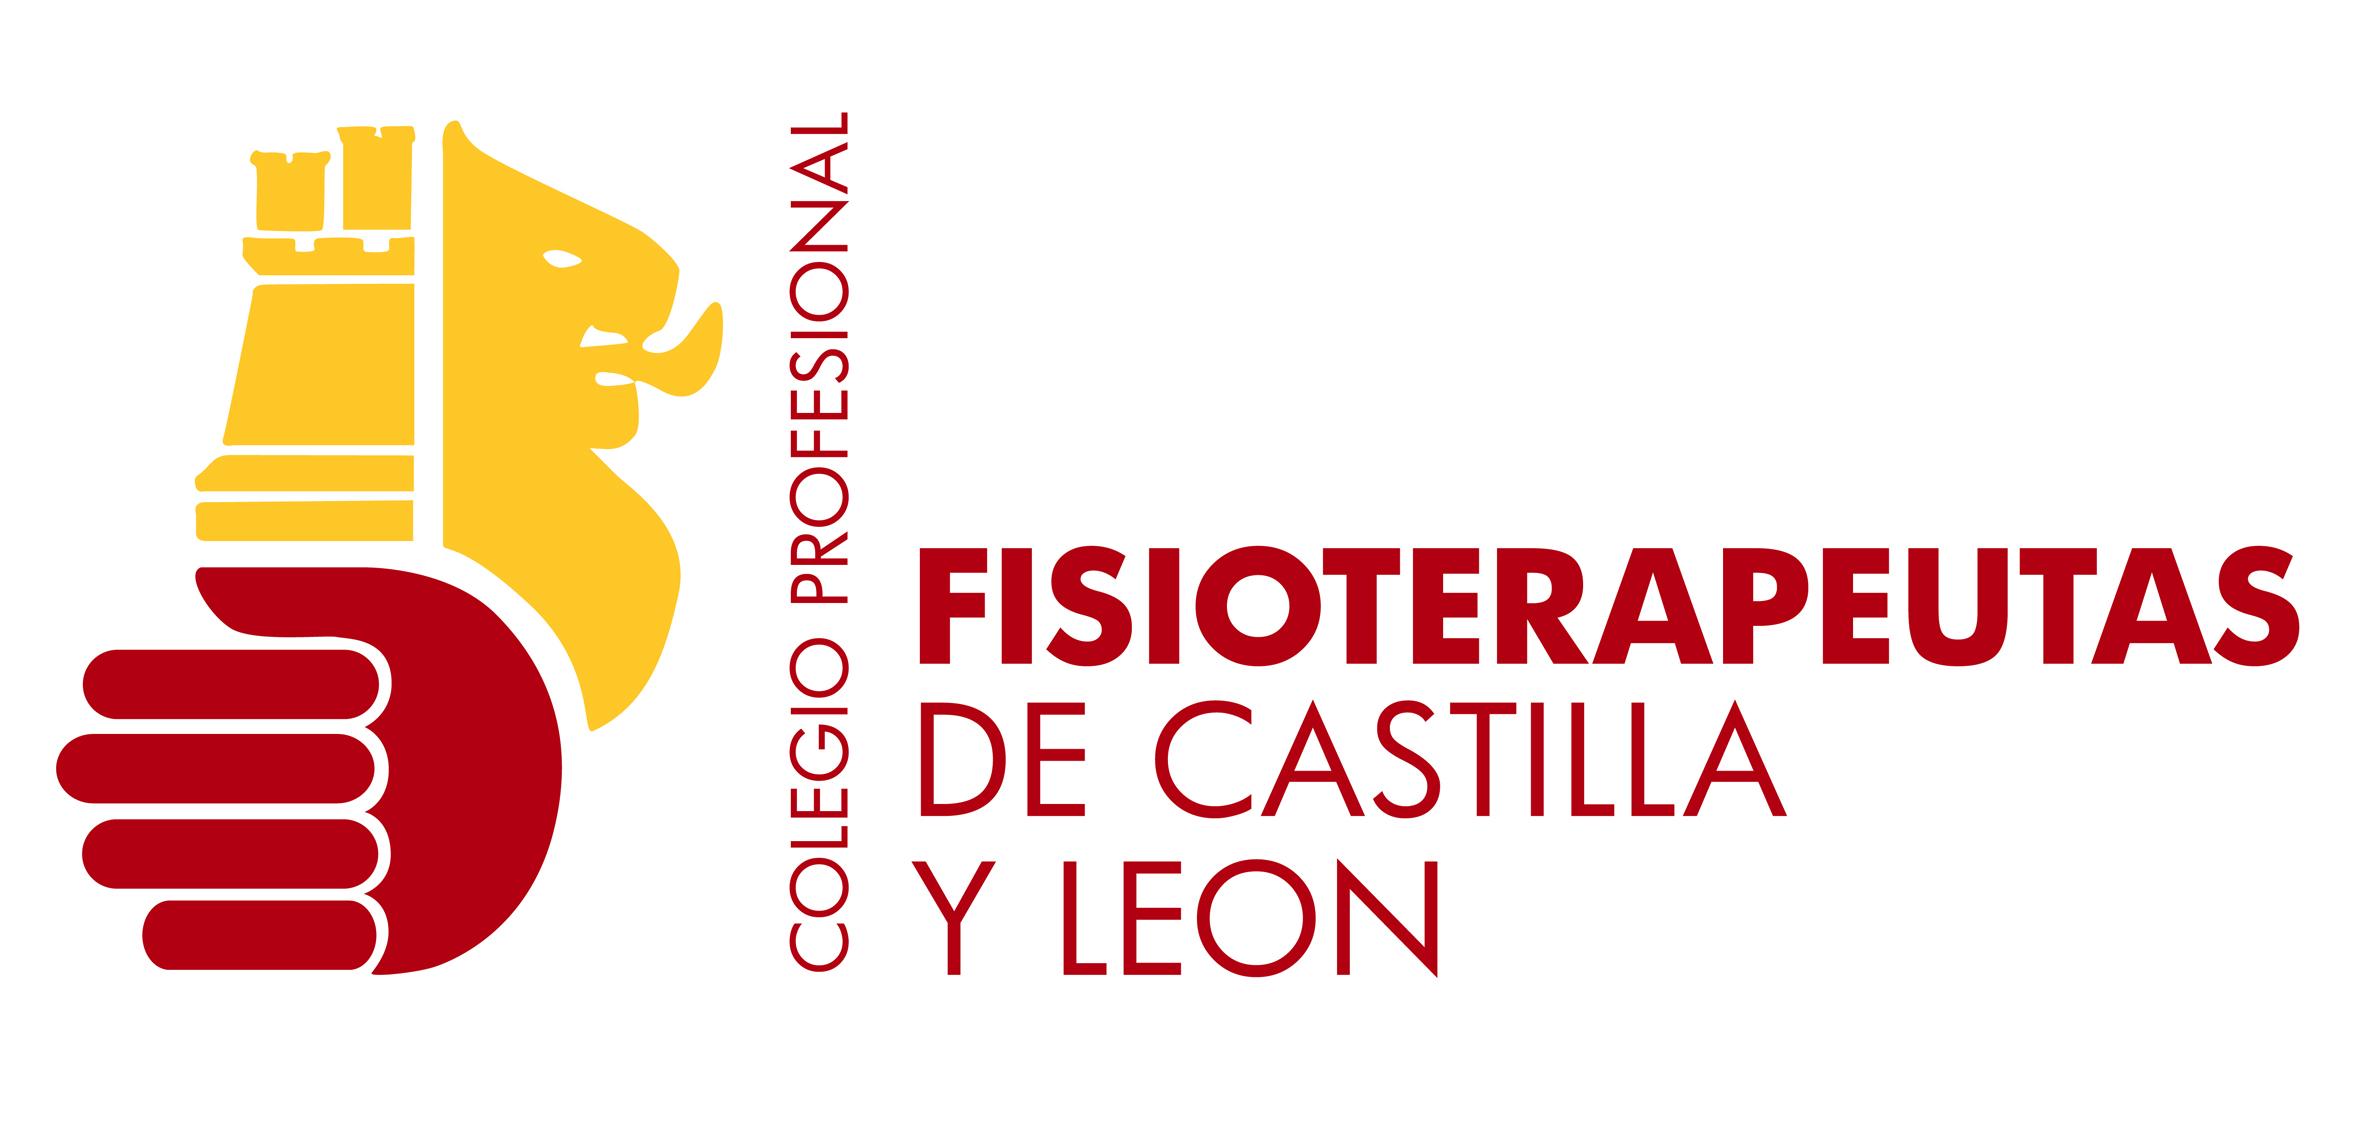 https://clinicamas.es/wp-content/uploads/2016/04/colegio-fisioterapeutas-castilla-y-leon.jpg